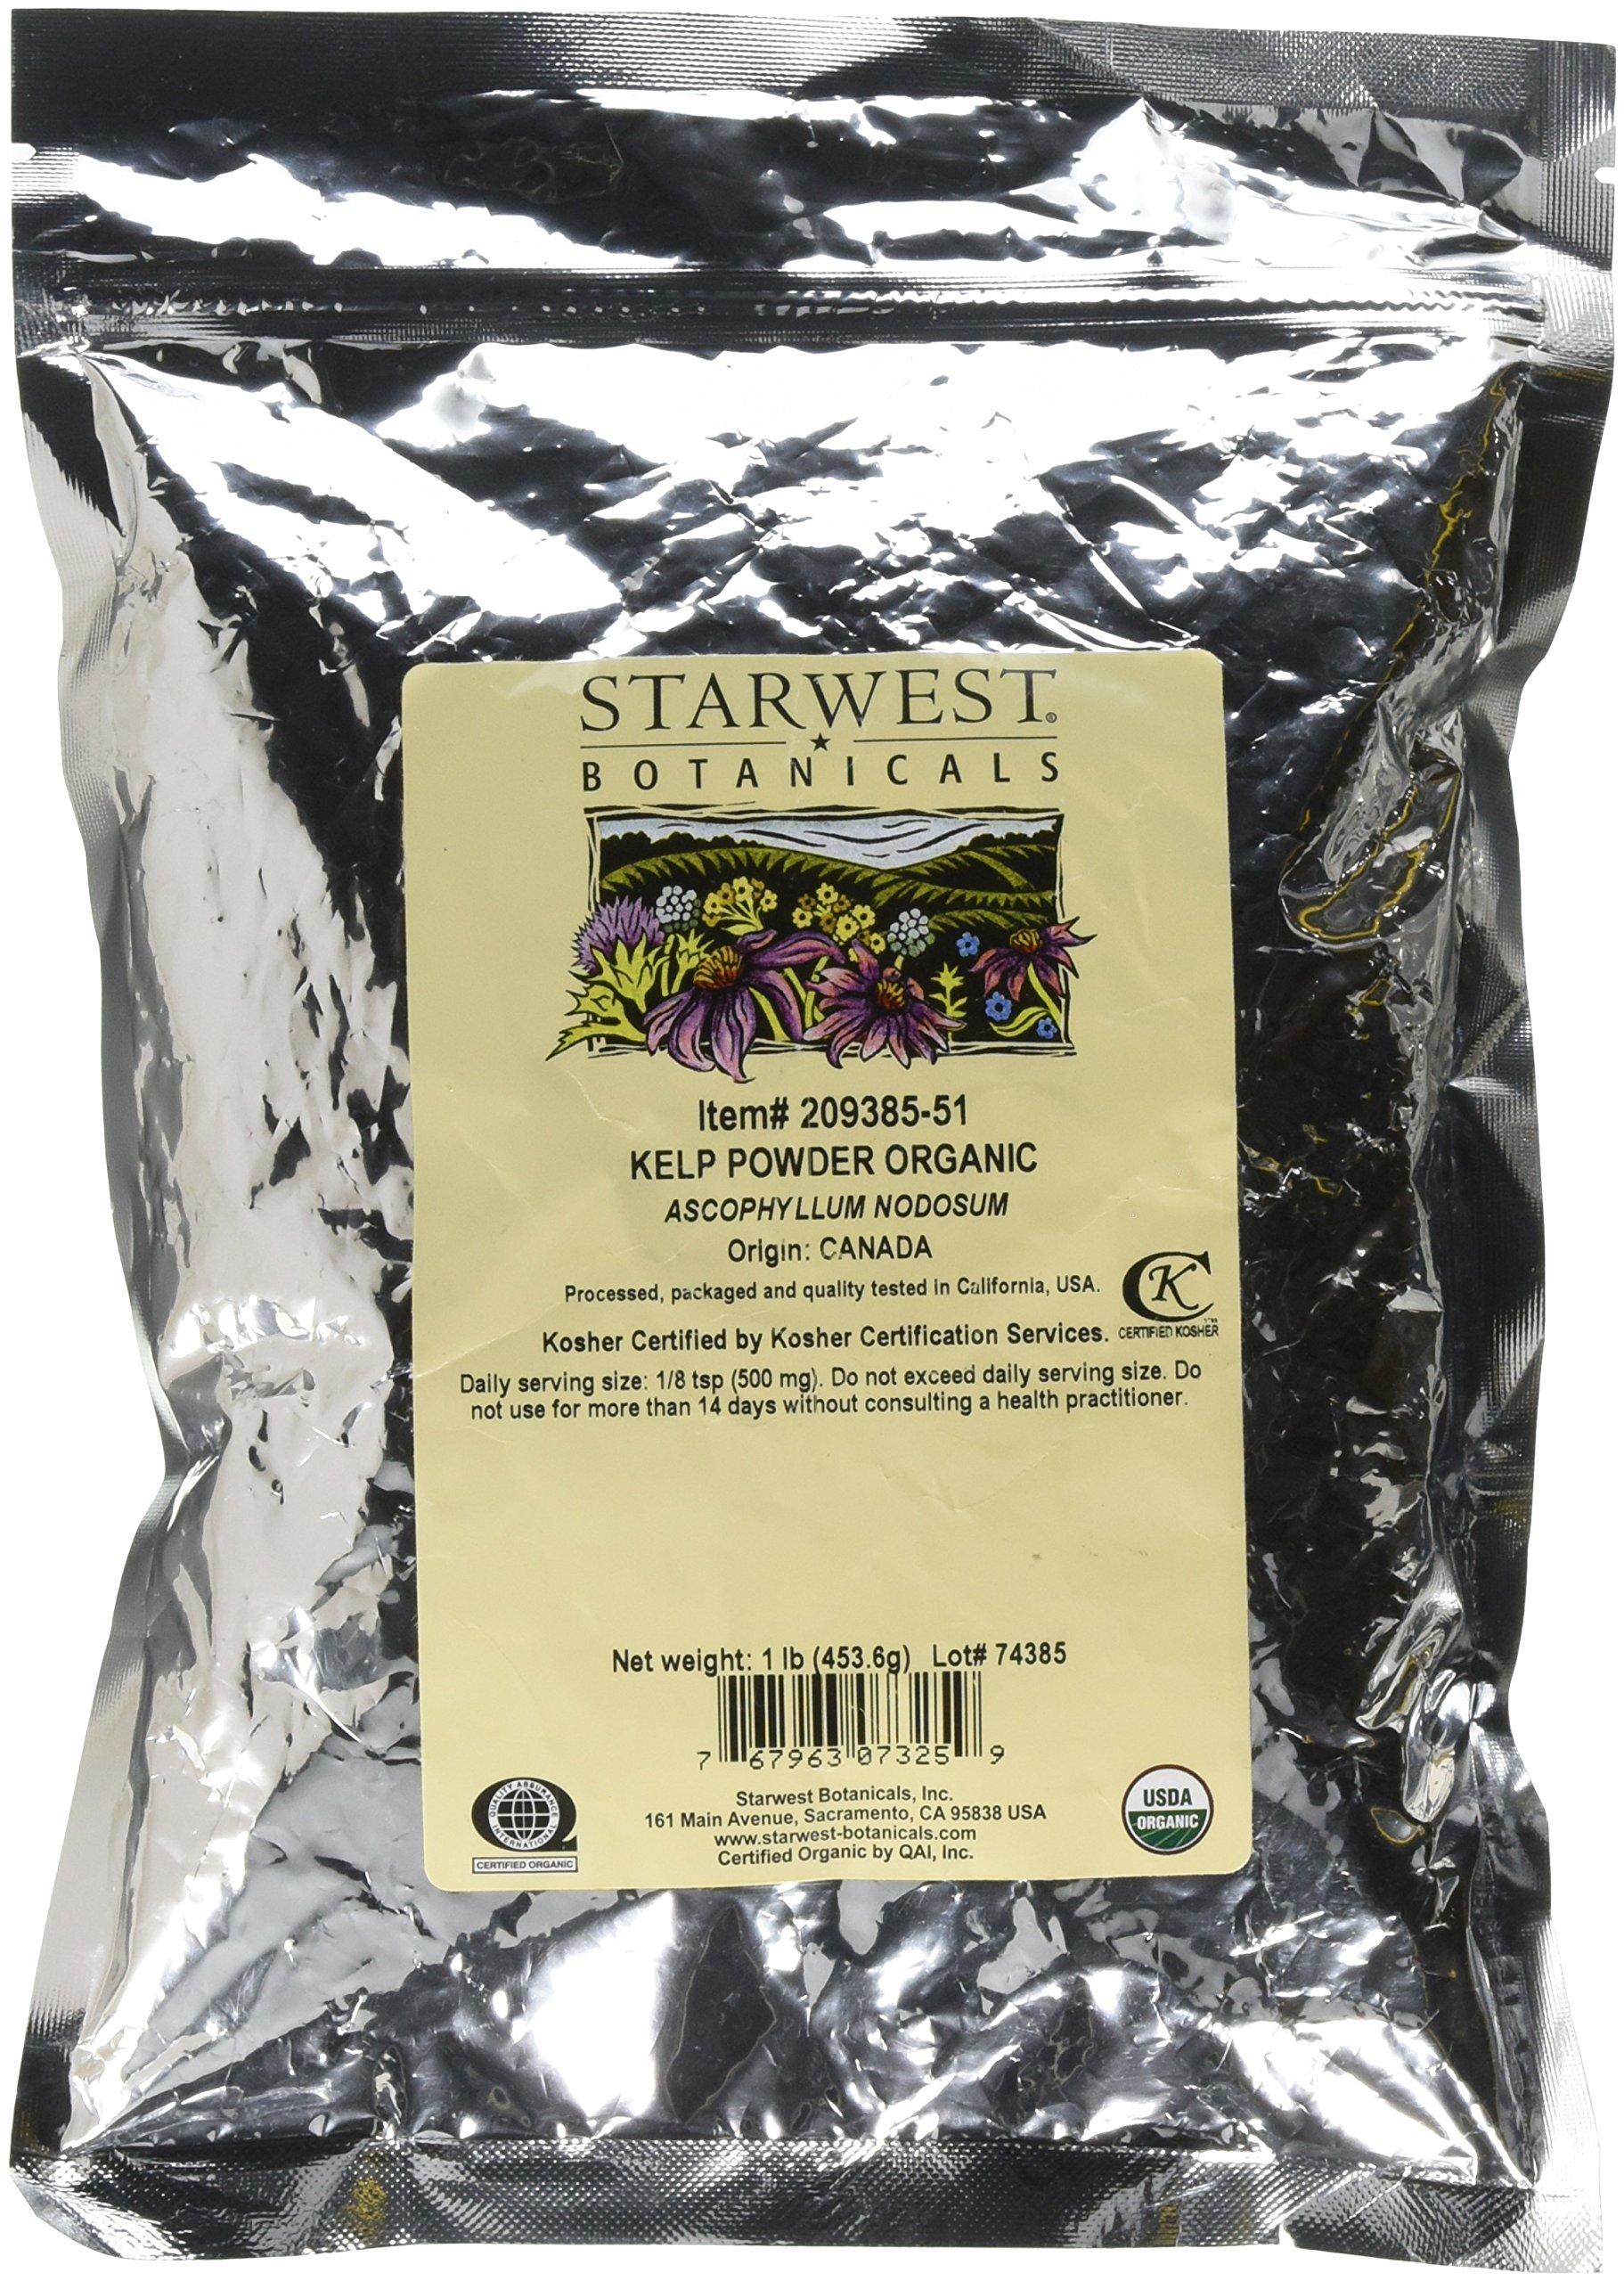 Starwest Botanicals Organic Kelp Powder, 1 Pound by Starwest Botanicals (Image #1)